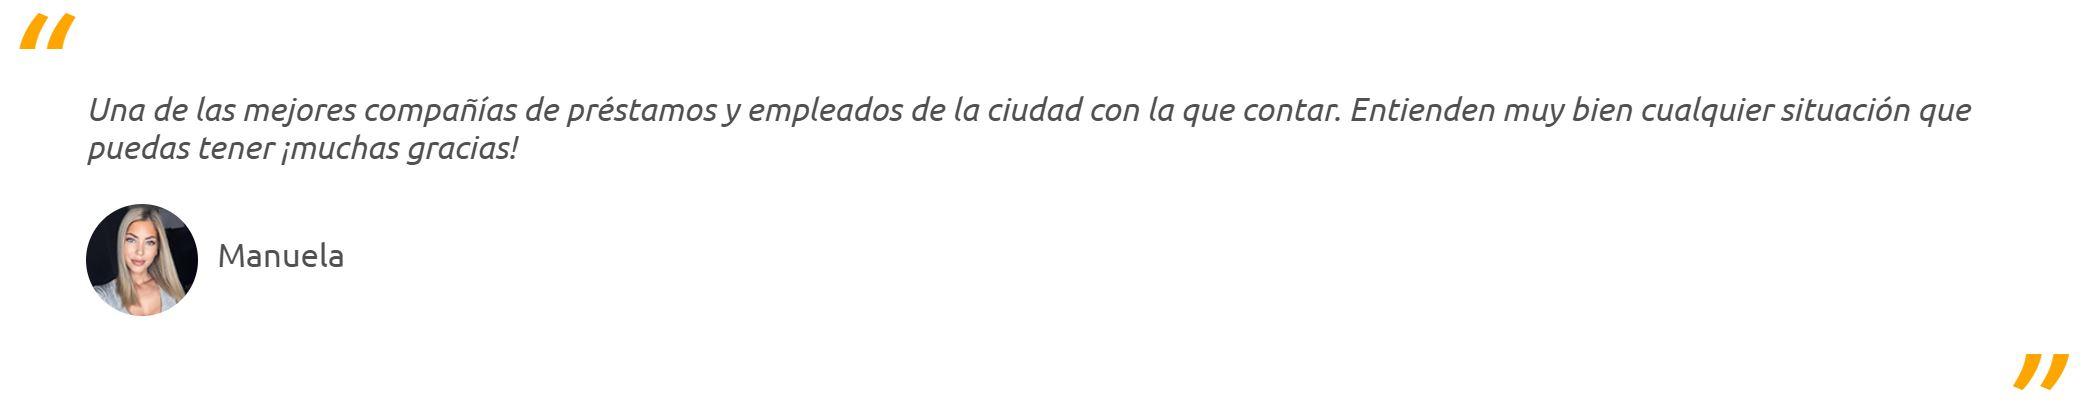 Holadinero cosecha excelentes opiniones de sus usuarios.